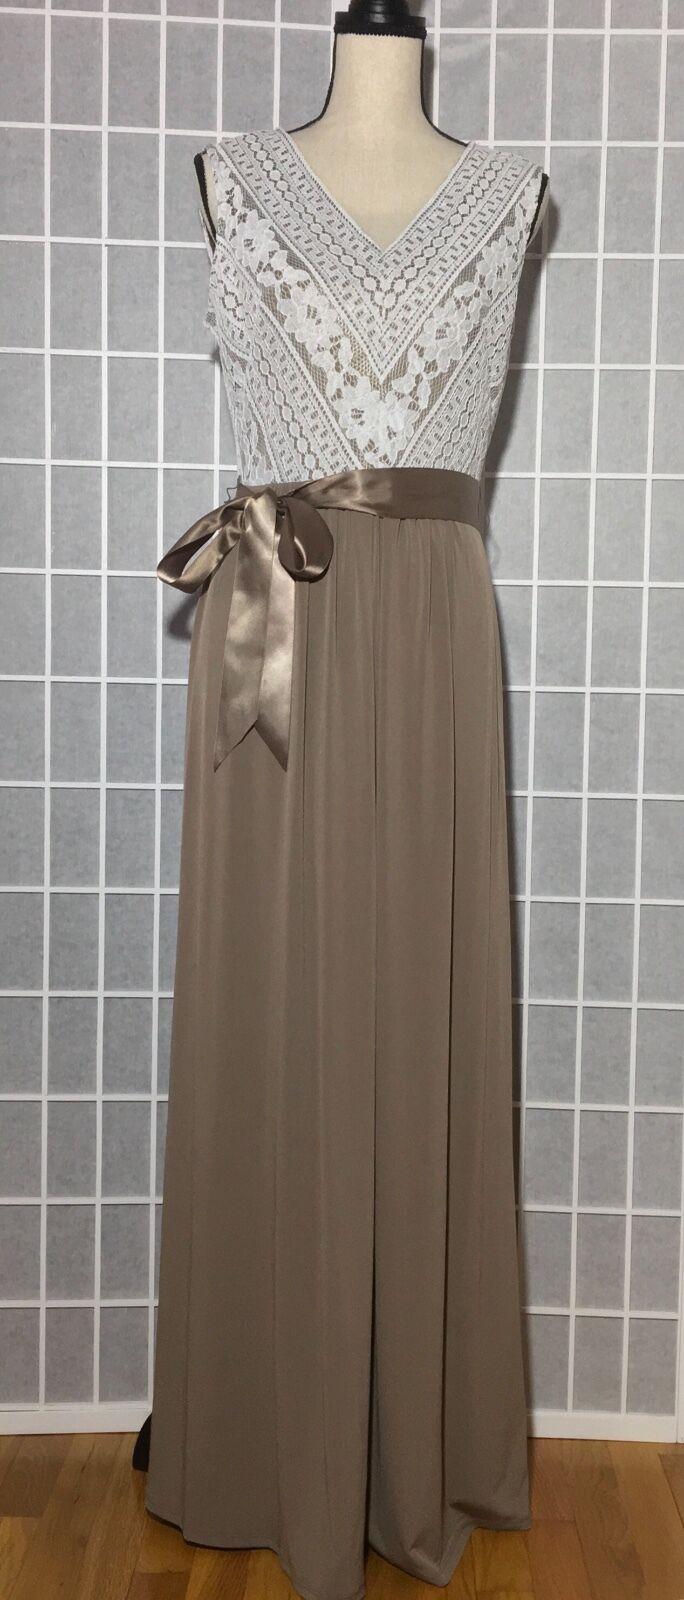 WARDROBE A damen's Sleeveless Lace Top Maxi Long Belted Dress Beige Größe 8